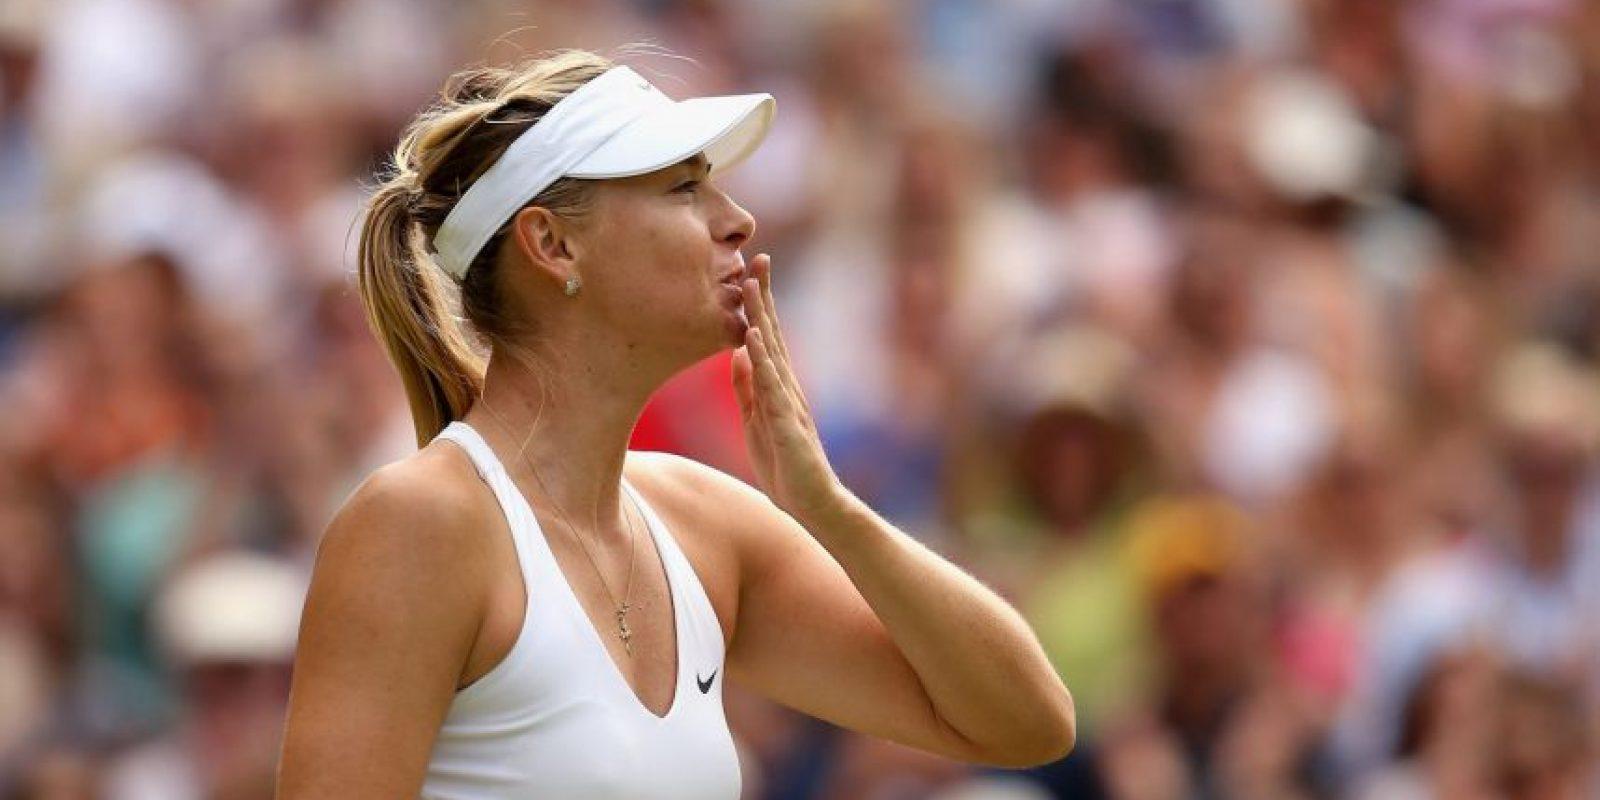 Maria Sharapova tomará clases en Harvard, después de ser suspendida Foto:Getty Images